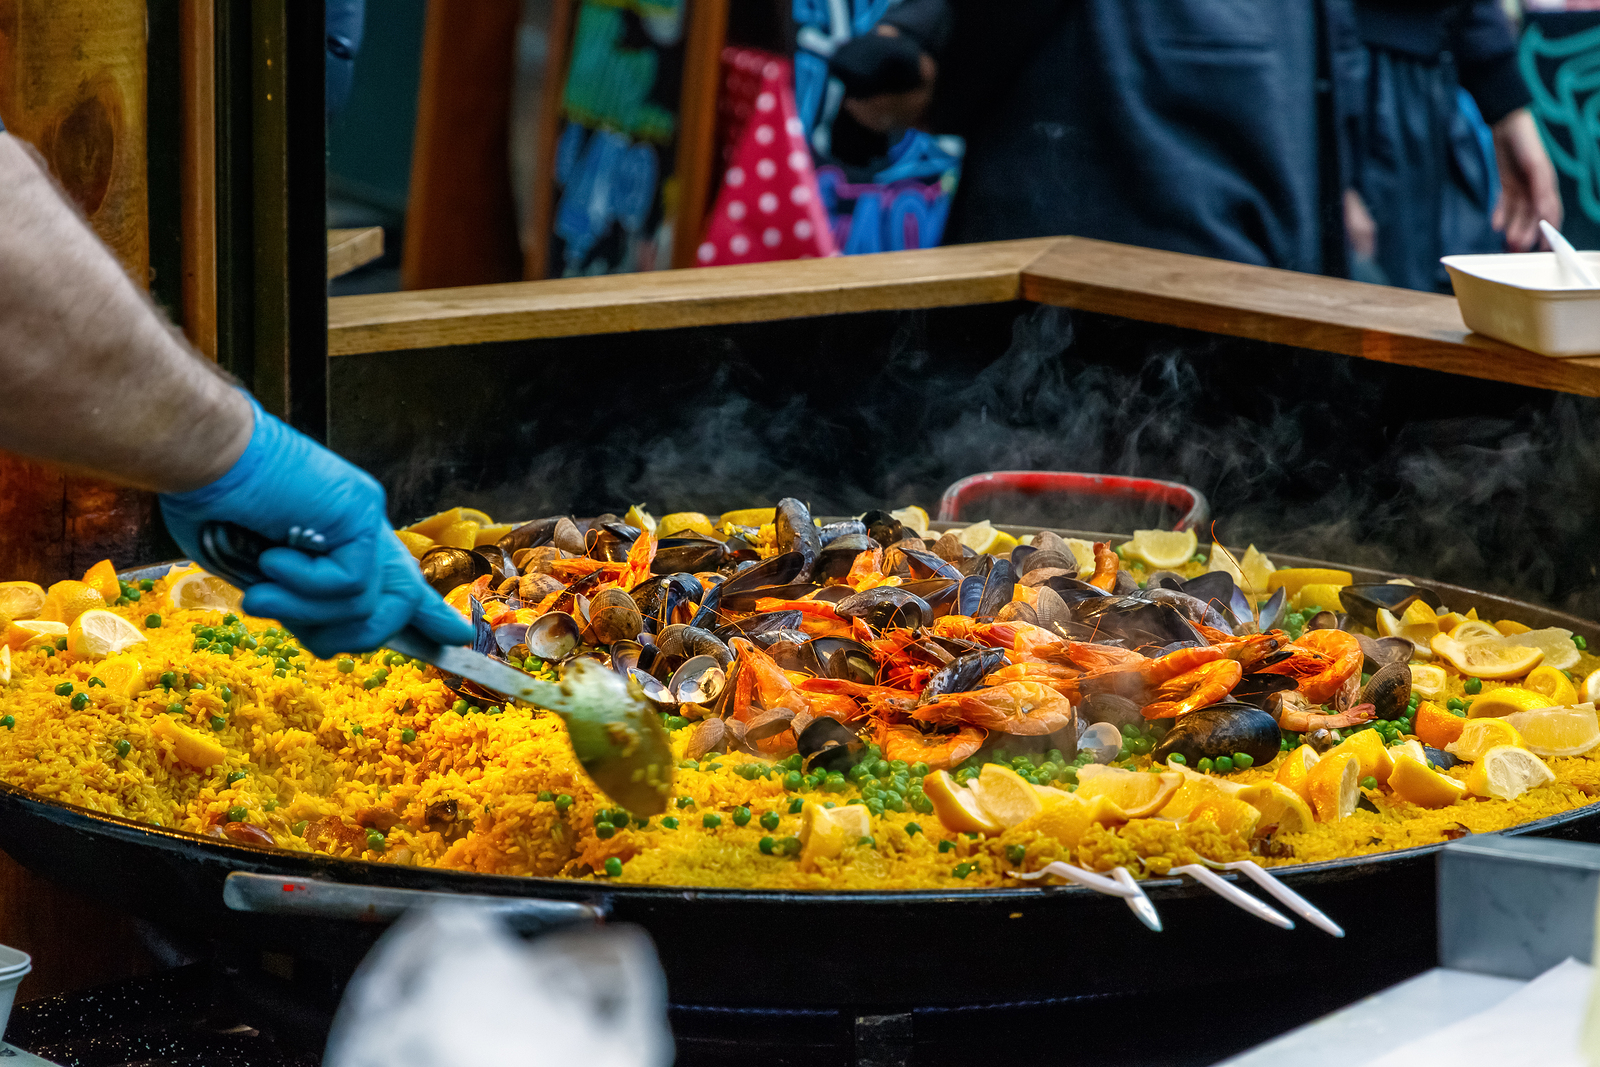 bigstock-Seafood-Paella-On-Display-165319844.jpg